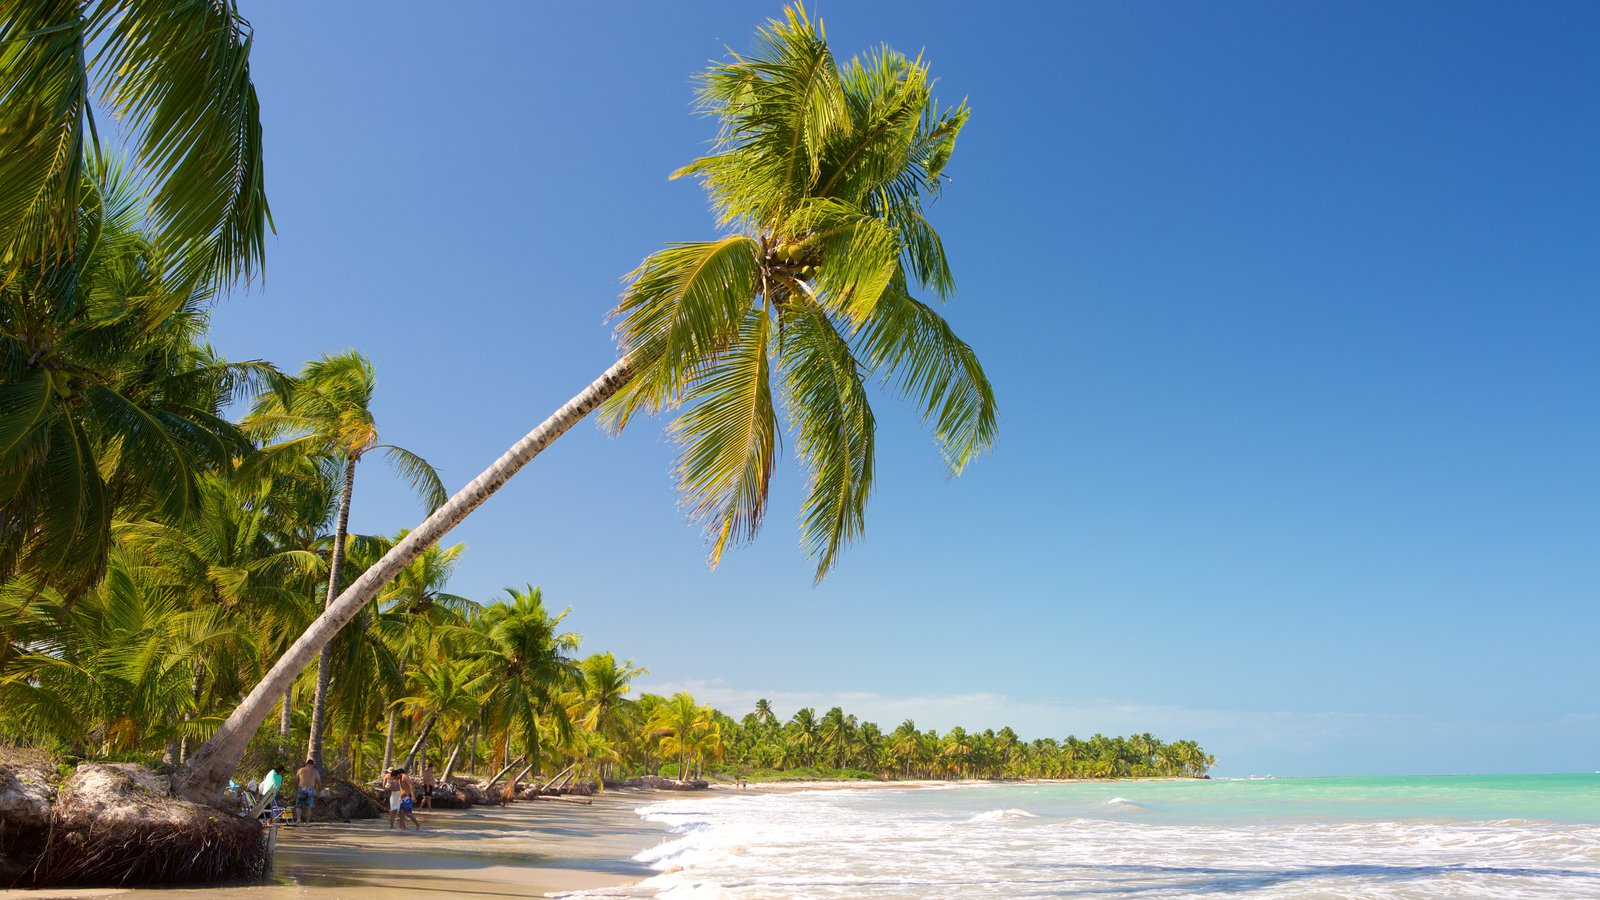 Praia de Ipioca que inclui ondas, cenas tropicais e paisagens litorâneas